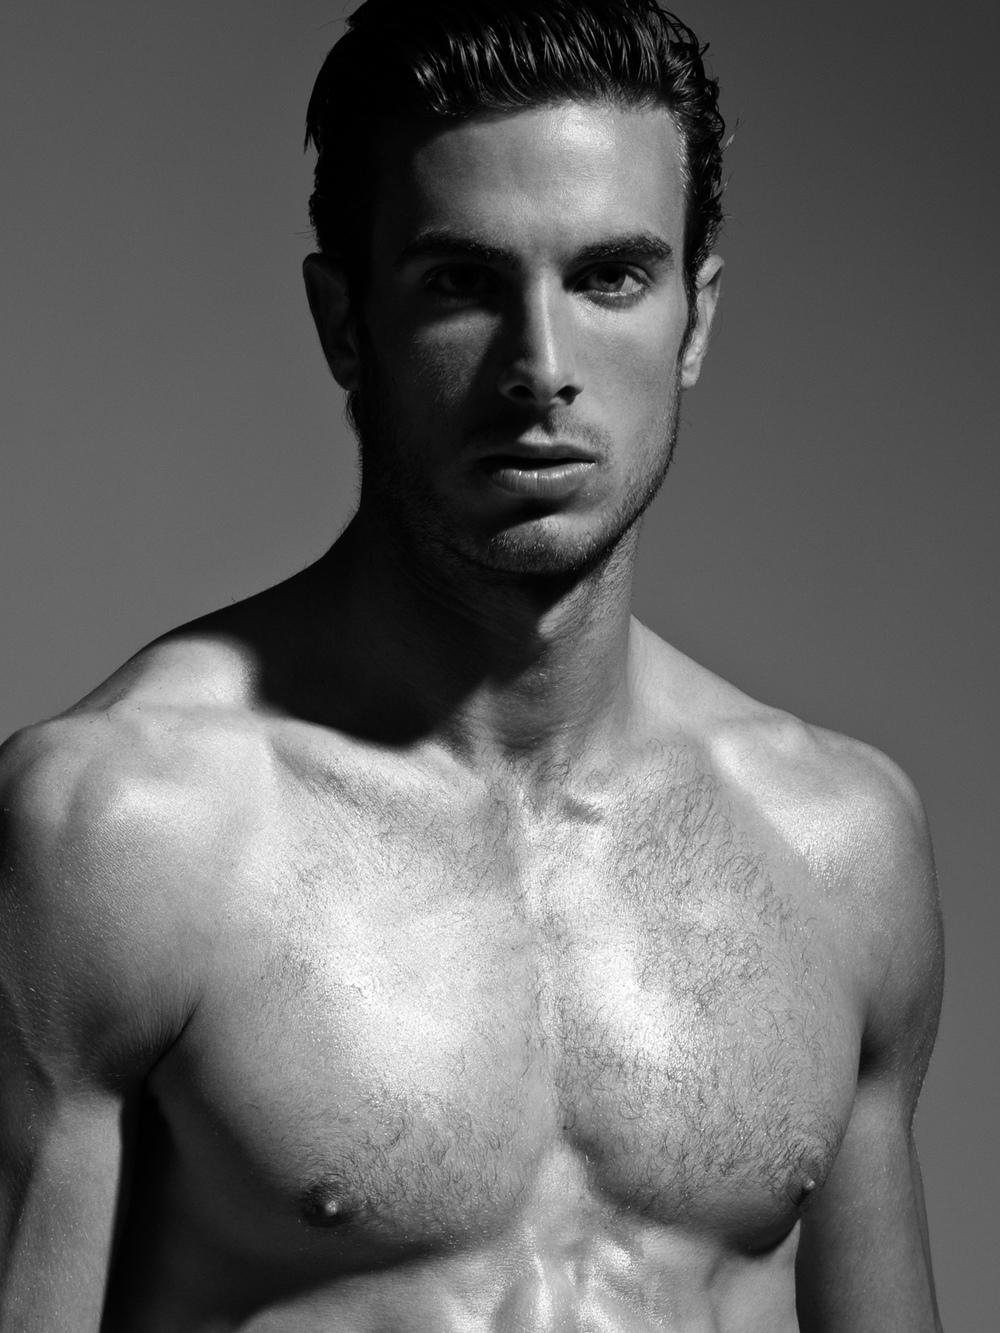 Adon Exclusive Model Guy Macchia By Frank Louis